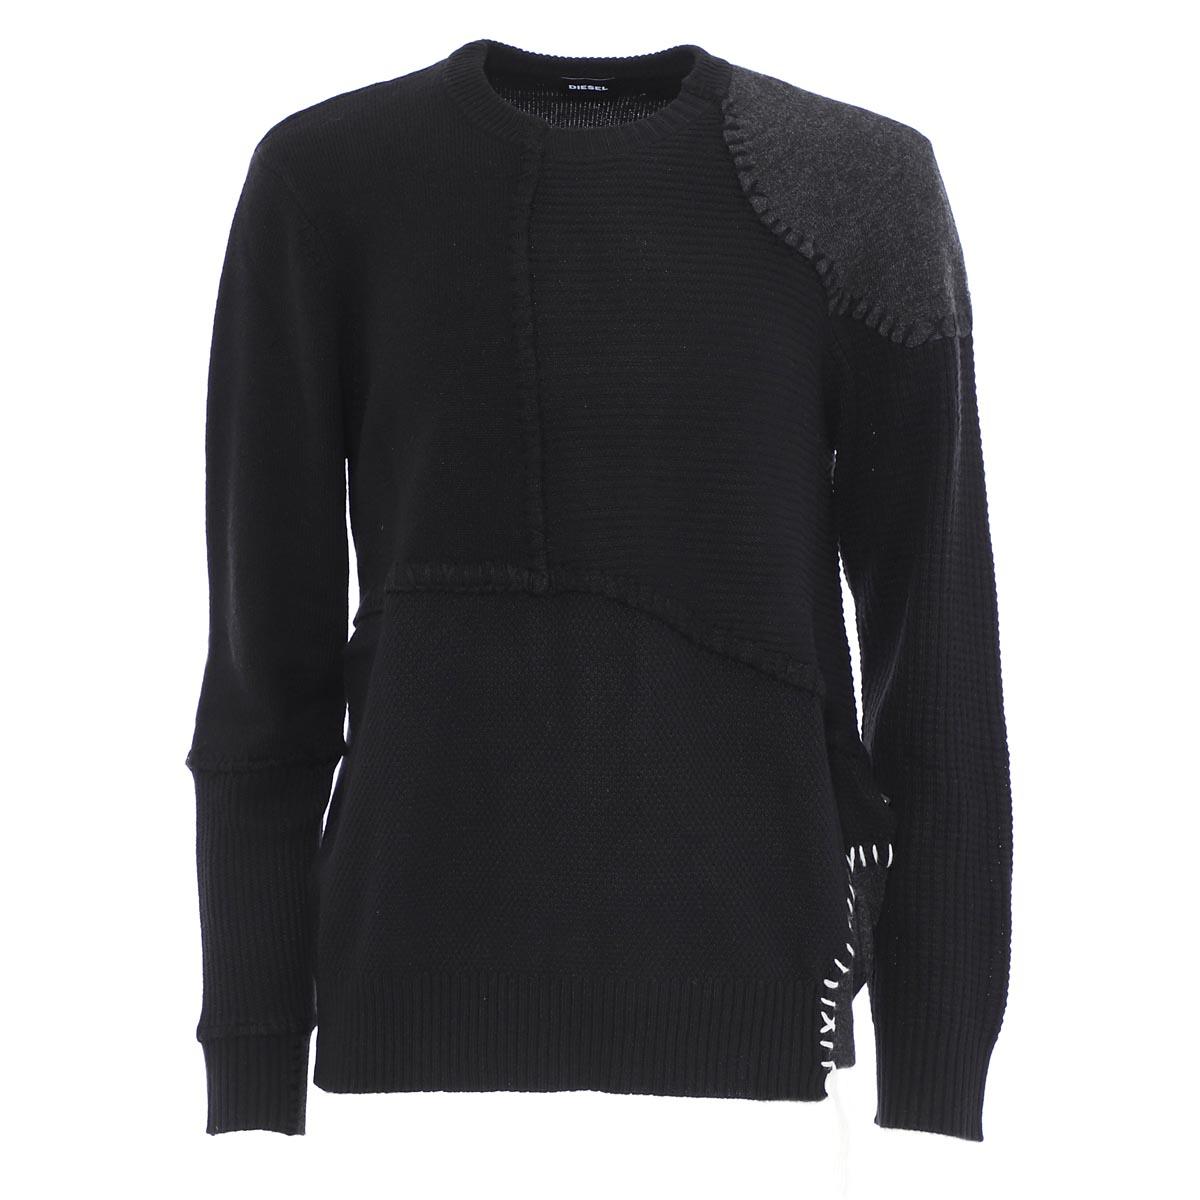 ディーゼル DIESEL クルーネック セーター ブラック メンズ k frank 00siuu 0lasr 900 K-FRANK【あす楽対応_関東】【返品送料無料】【ラッピング無料】